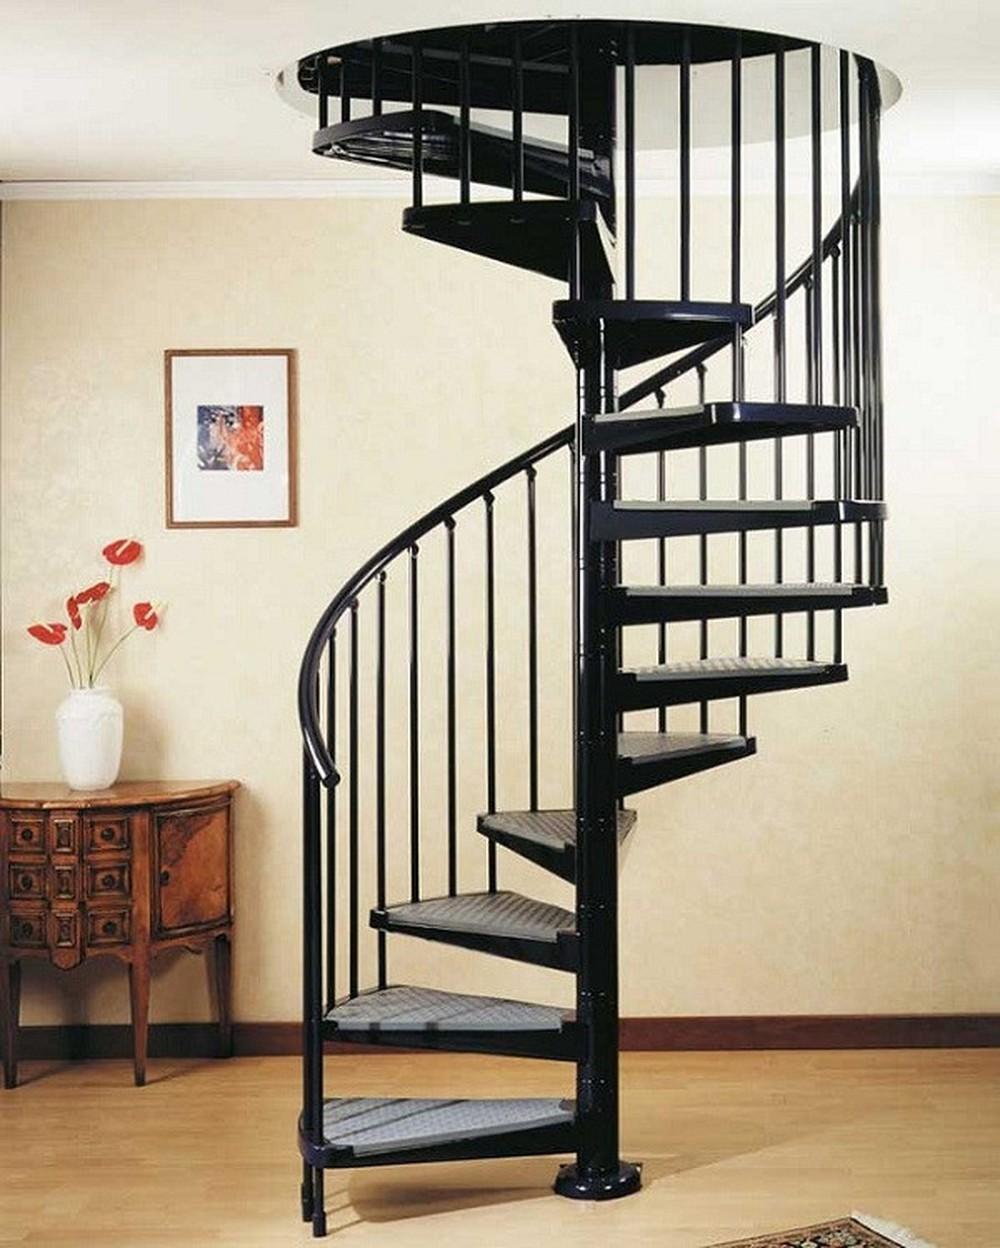 Với tính thẩm mỹ cao, mẫu thiết kế cầu thang xoắn đang trở thành xu hướng được rất nhiều gia chủ ưa chuộng